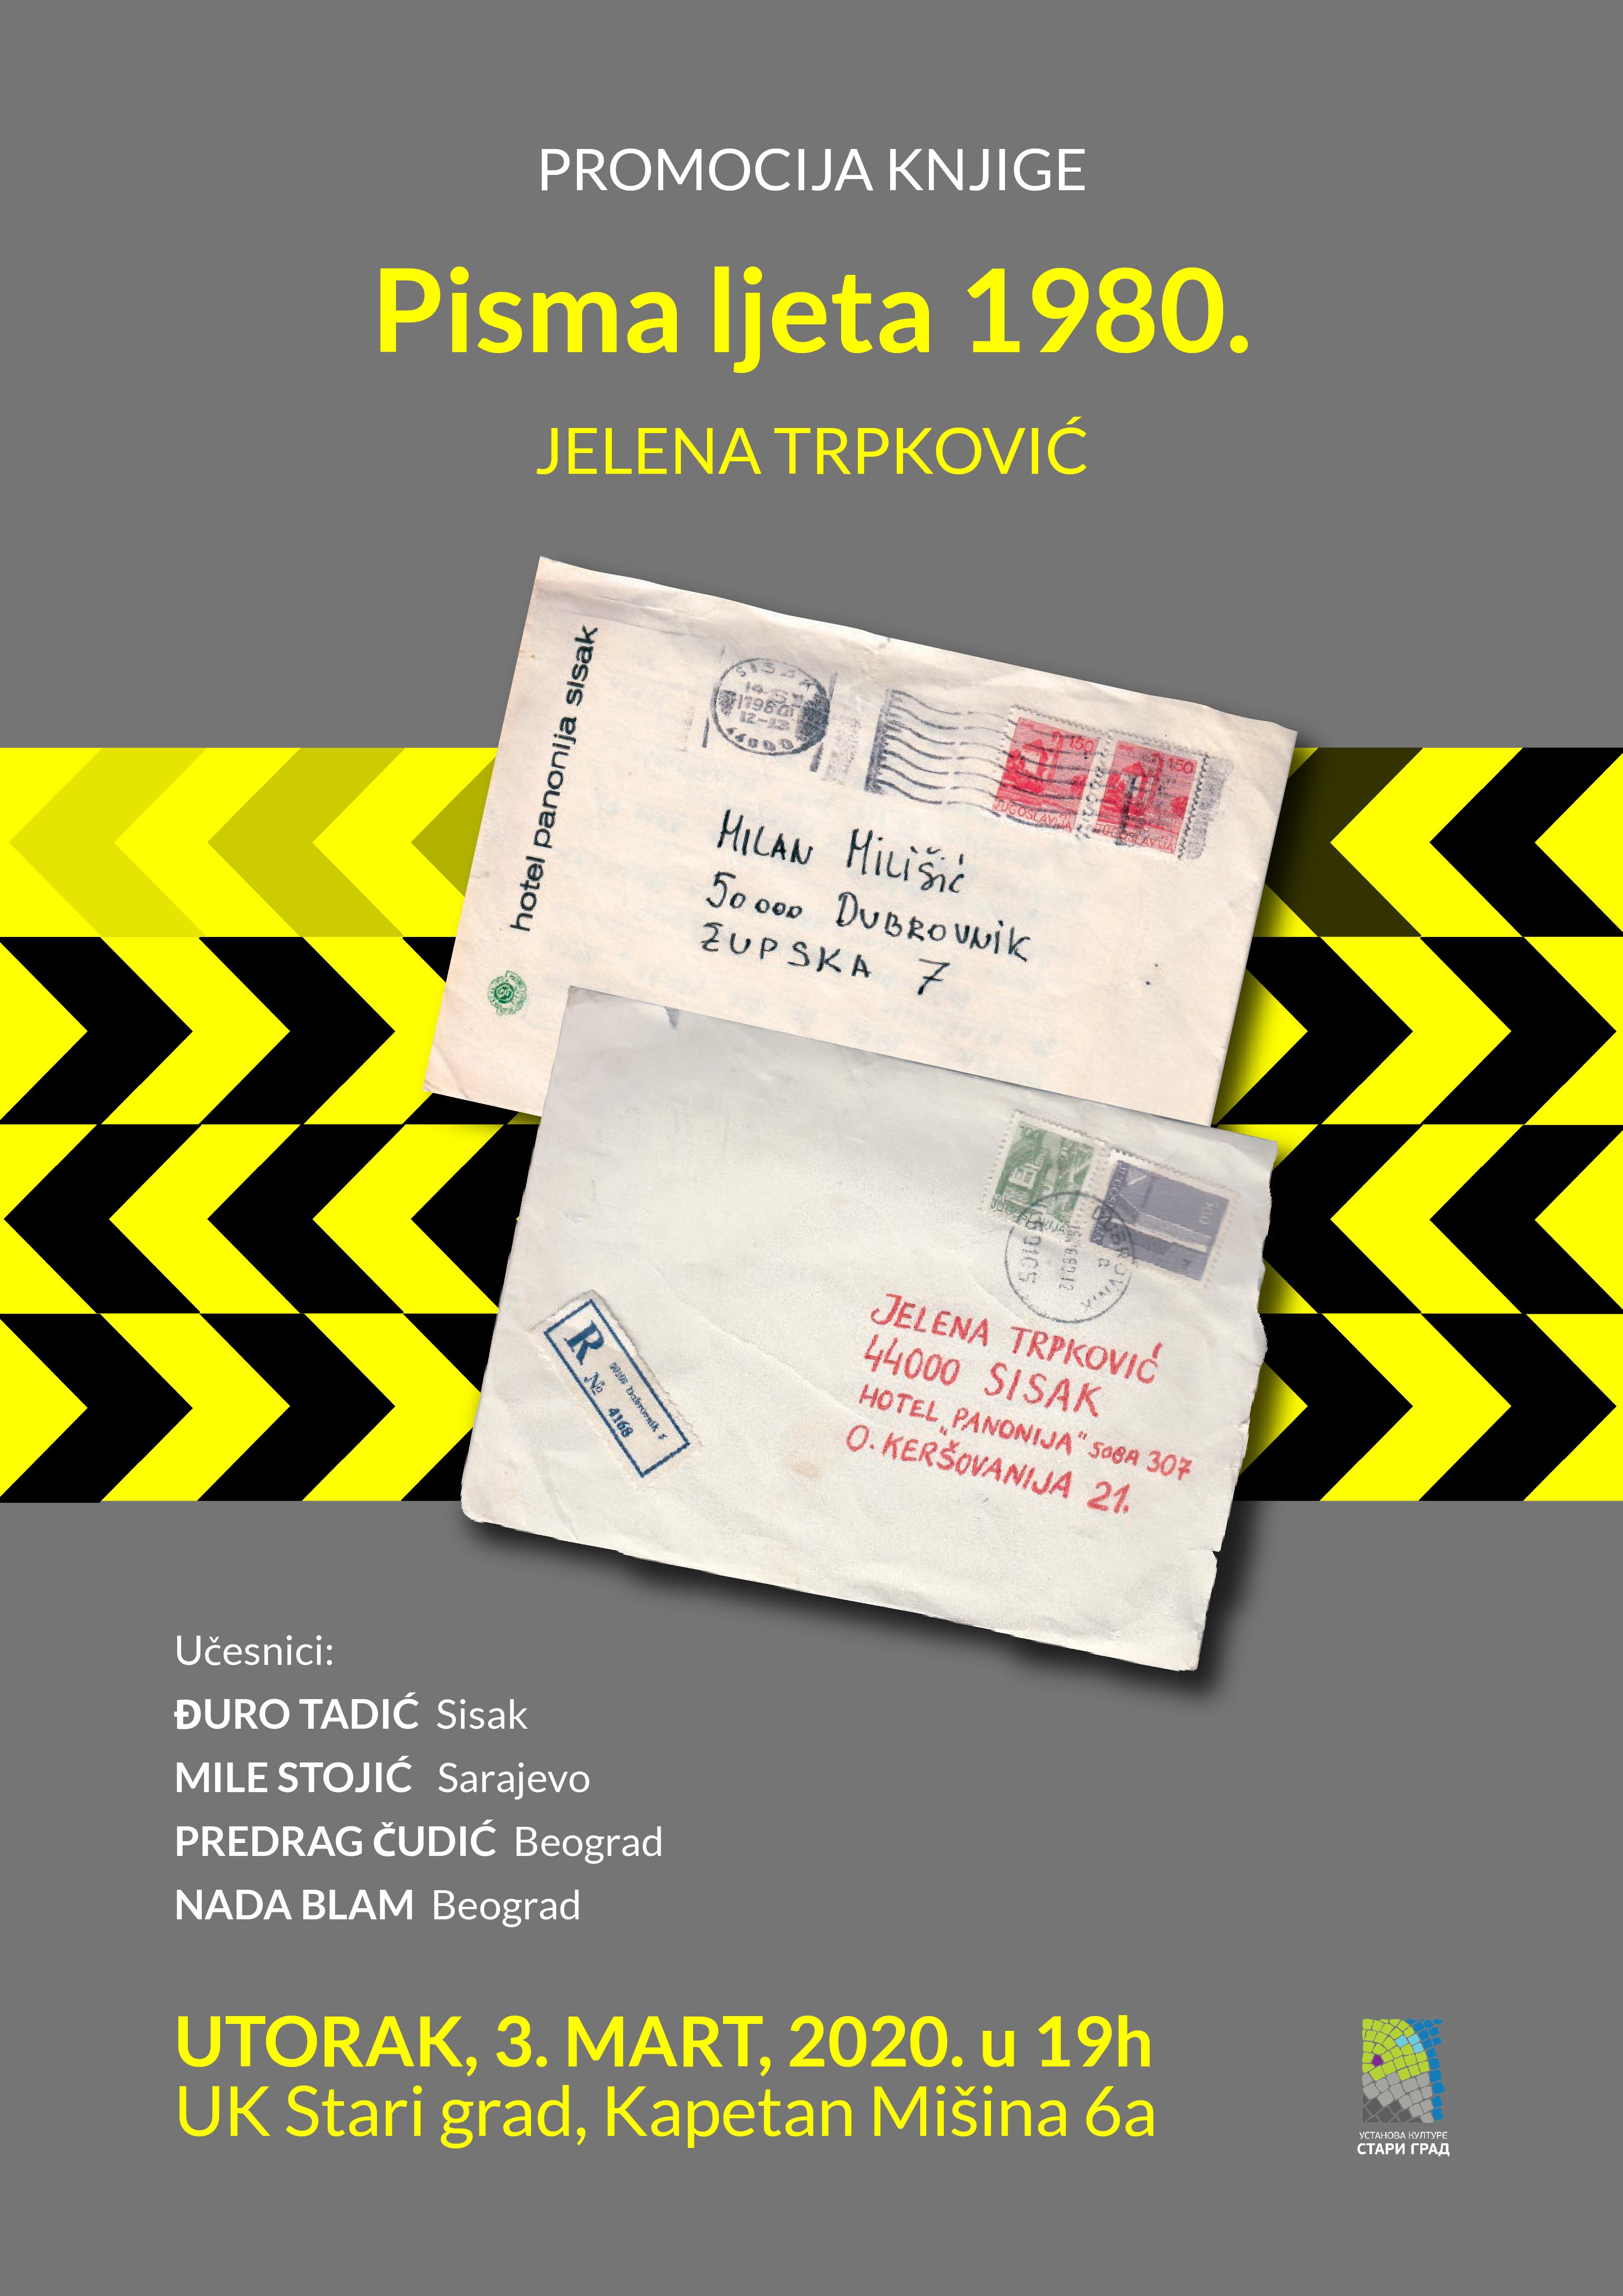 """Promocija knjige """"Pisma ljeta 1980."""" Jelena Trpković"""